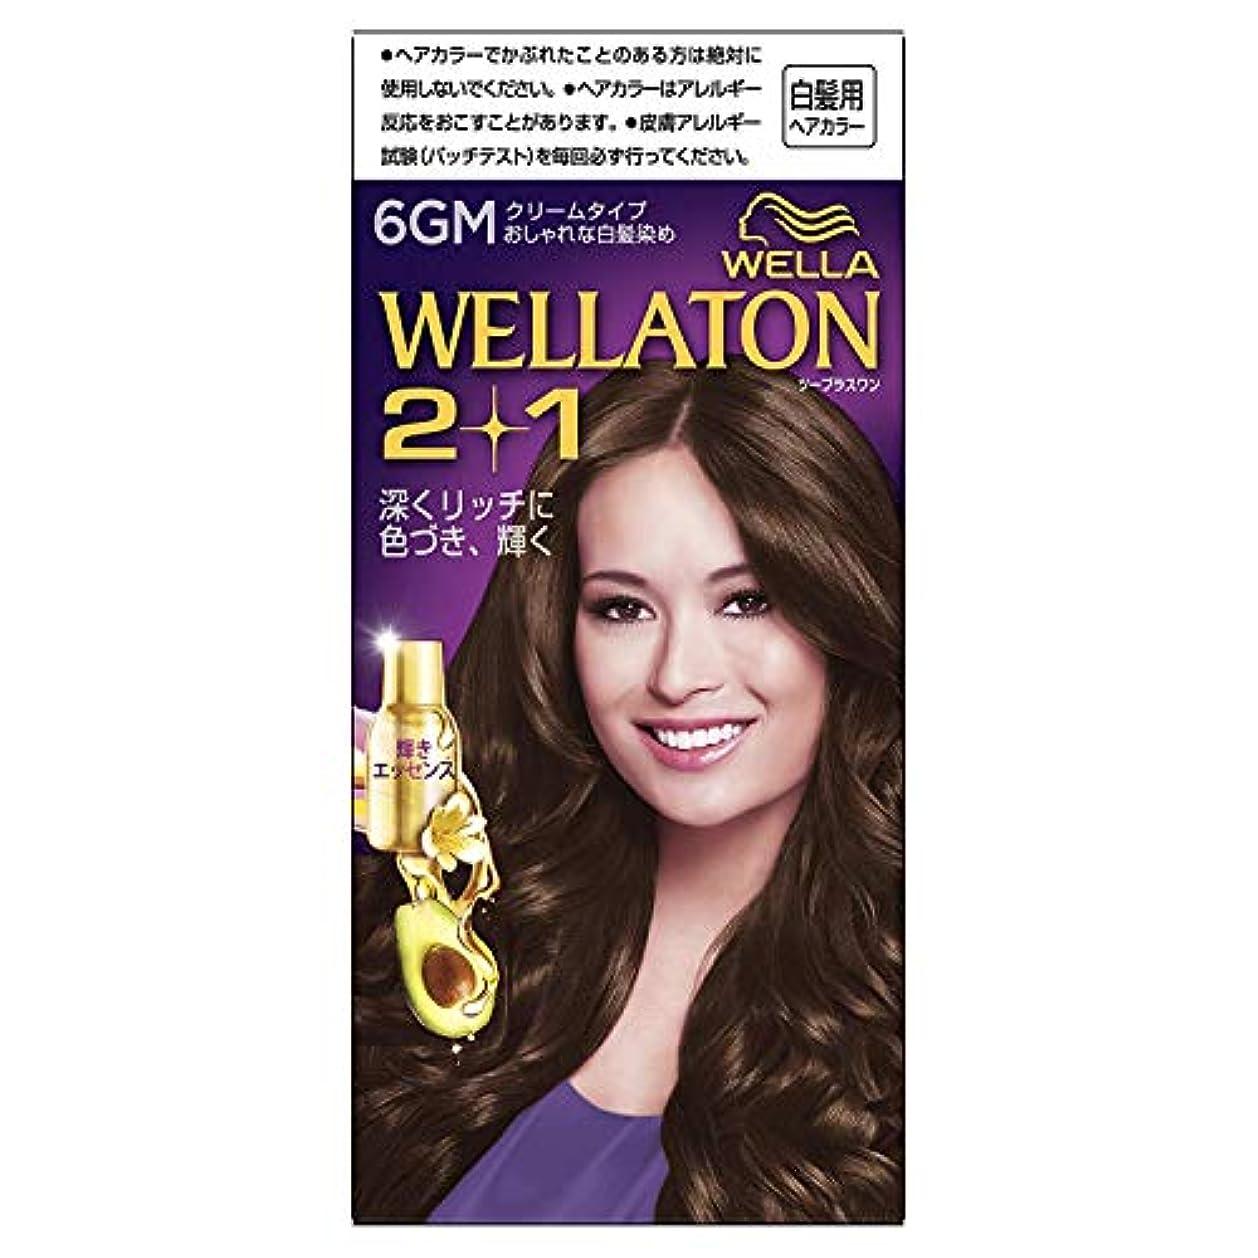 理想的にはアミューズメント有料ウエラトーン2+1 クリームタイプ 6GM [医薬部外品]×6個